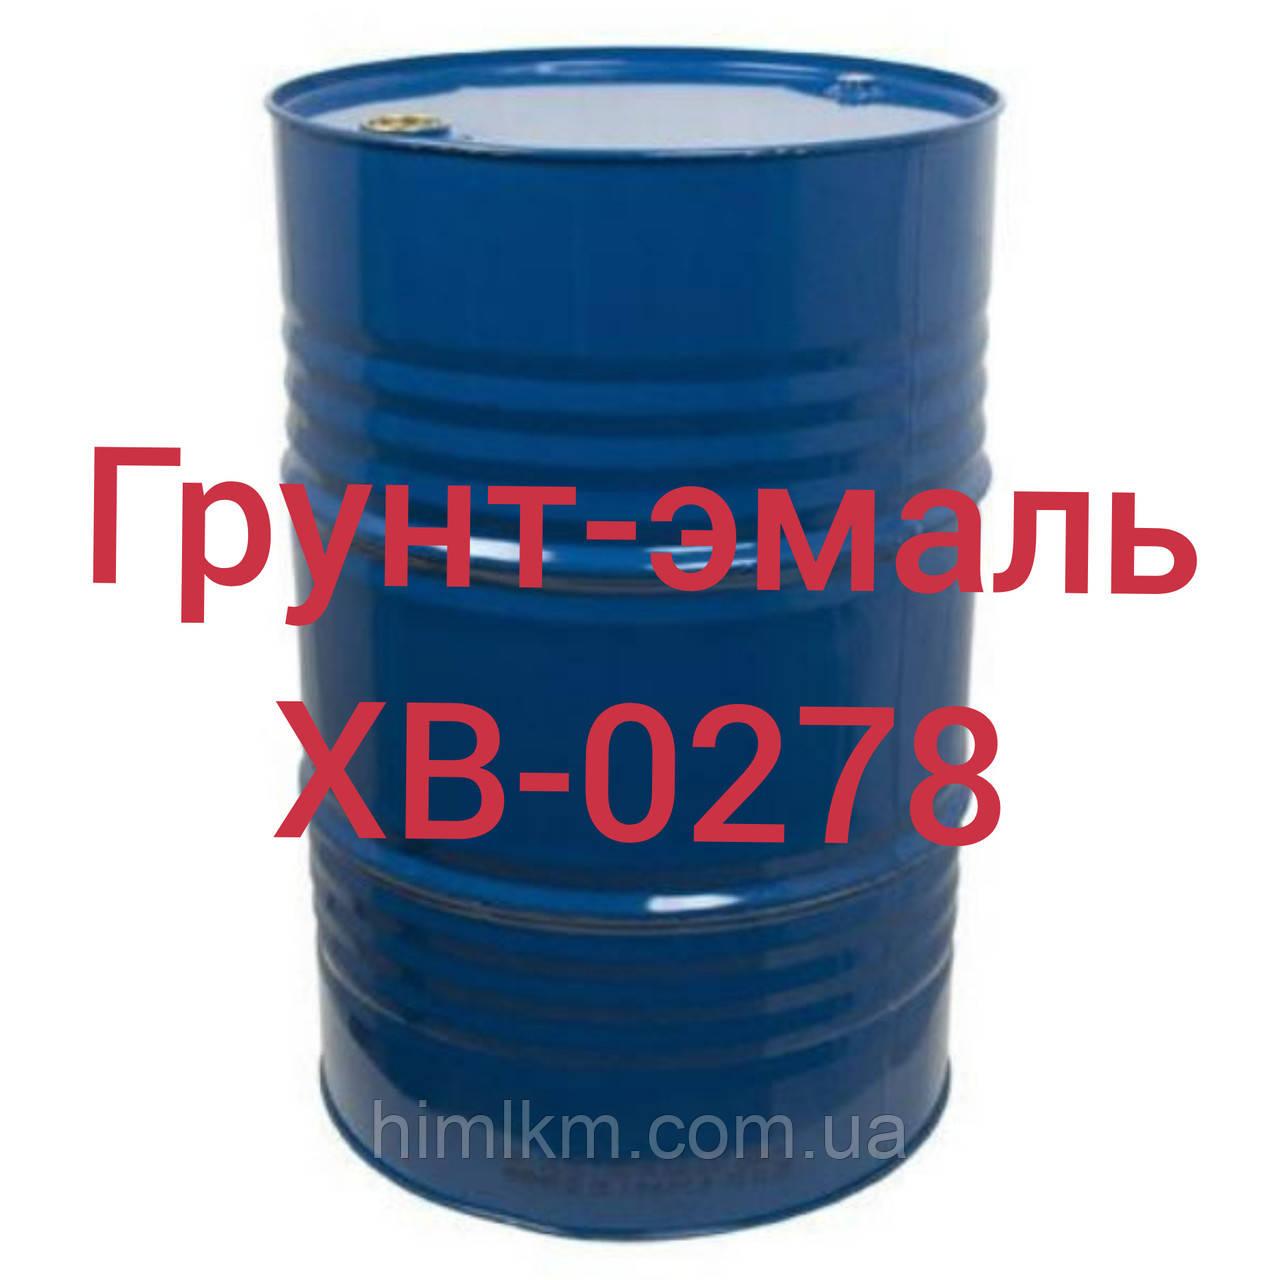 ХВ-0278 Грунт-эмаль защита от коррозии металлических поверхностей